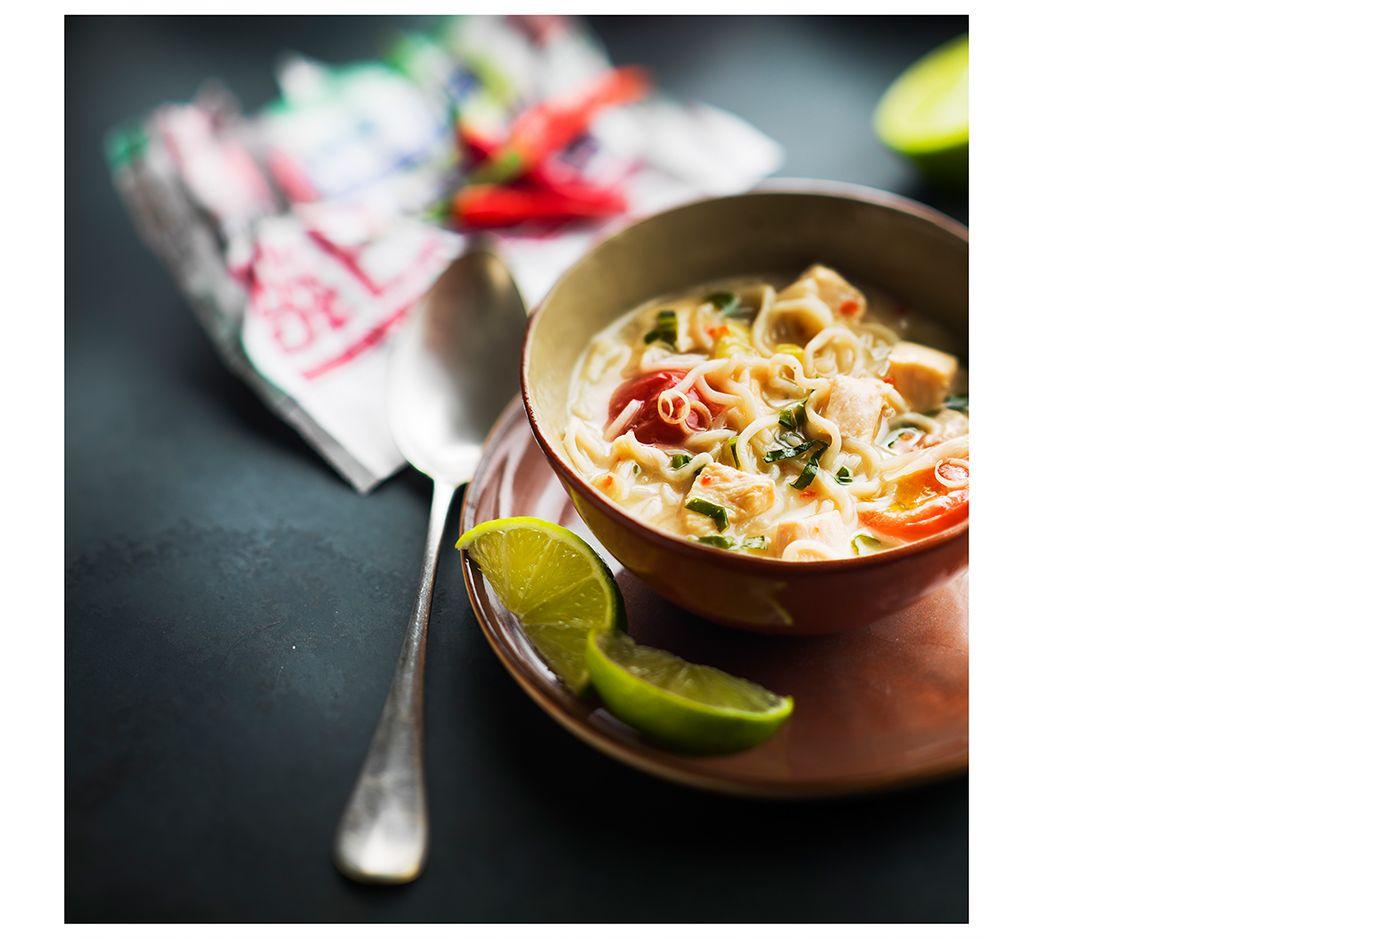 photographe culinaire : michael roulier